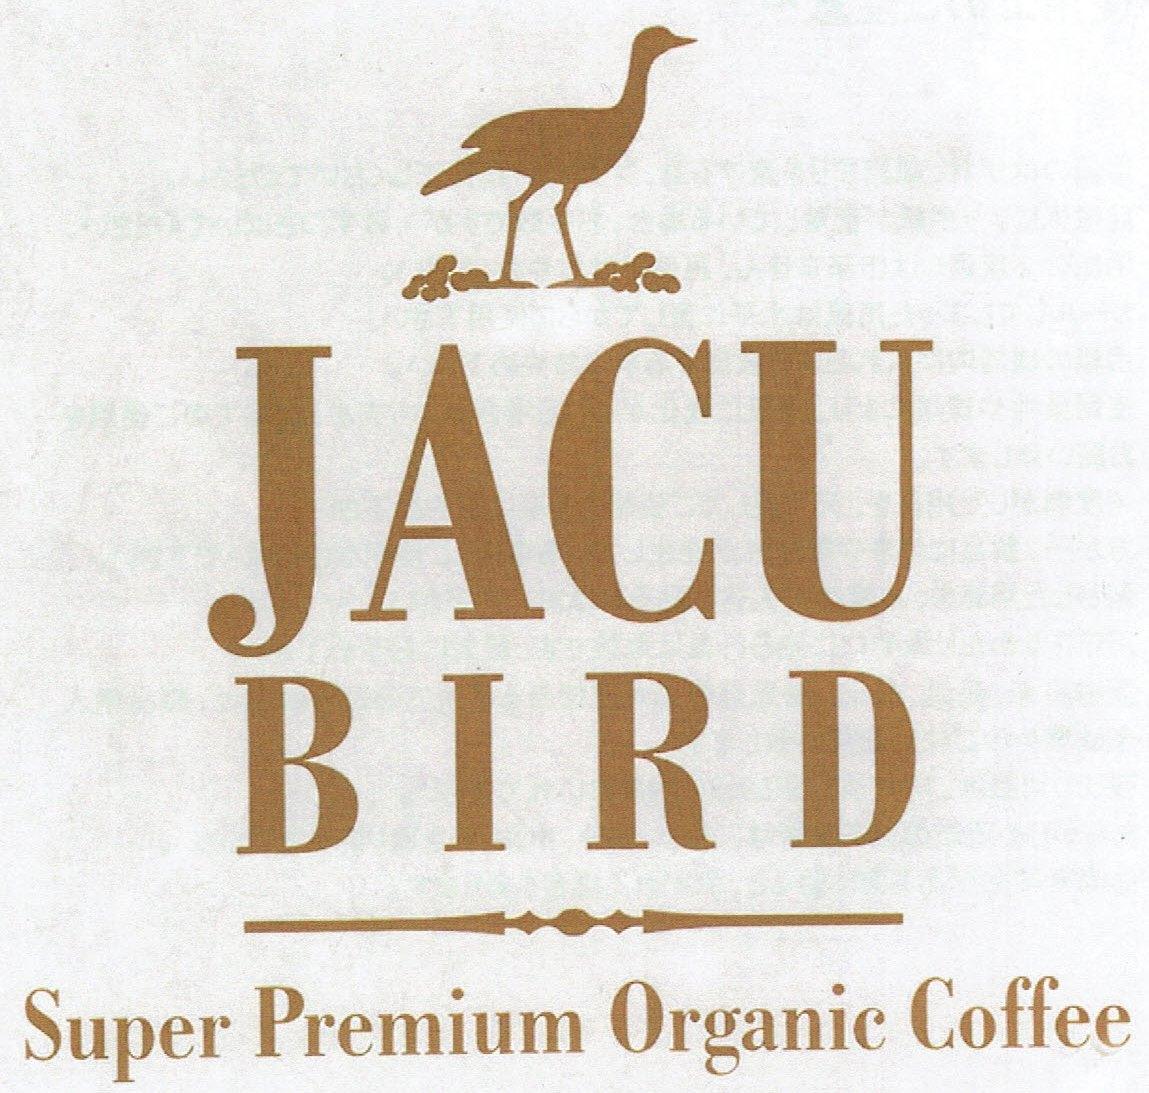 brazil_jacubird